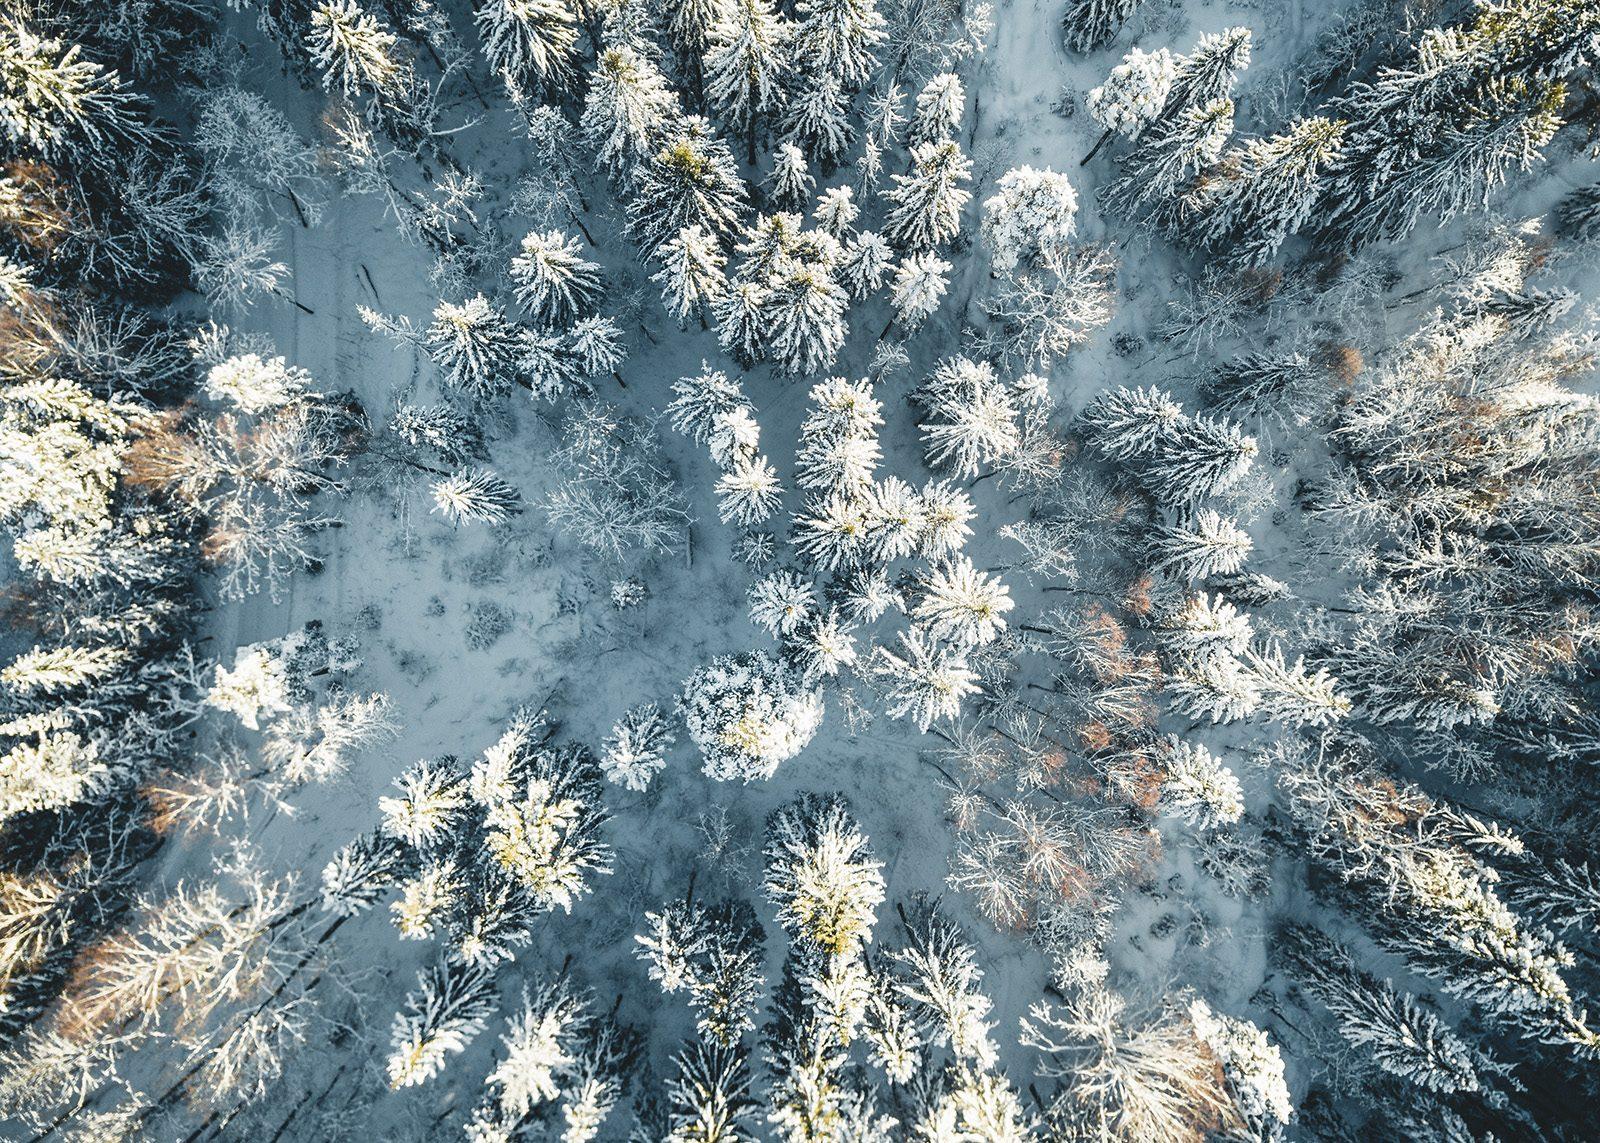 Vinter i Nordmarka I av Tor Arne Hotvedt